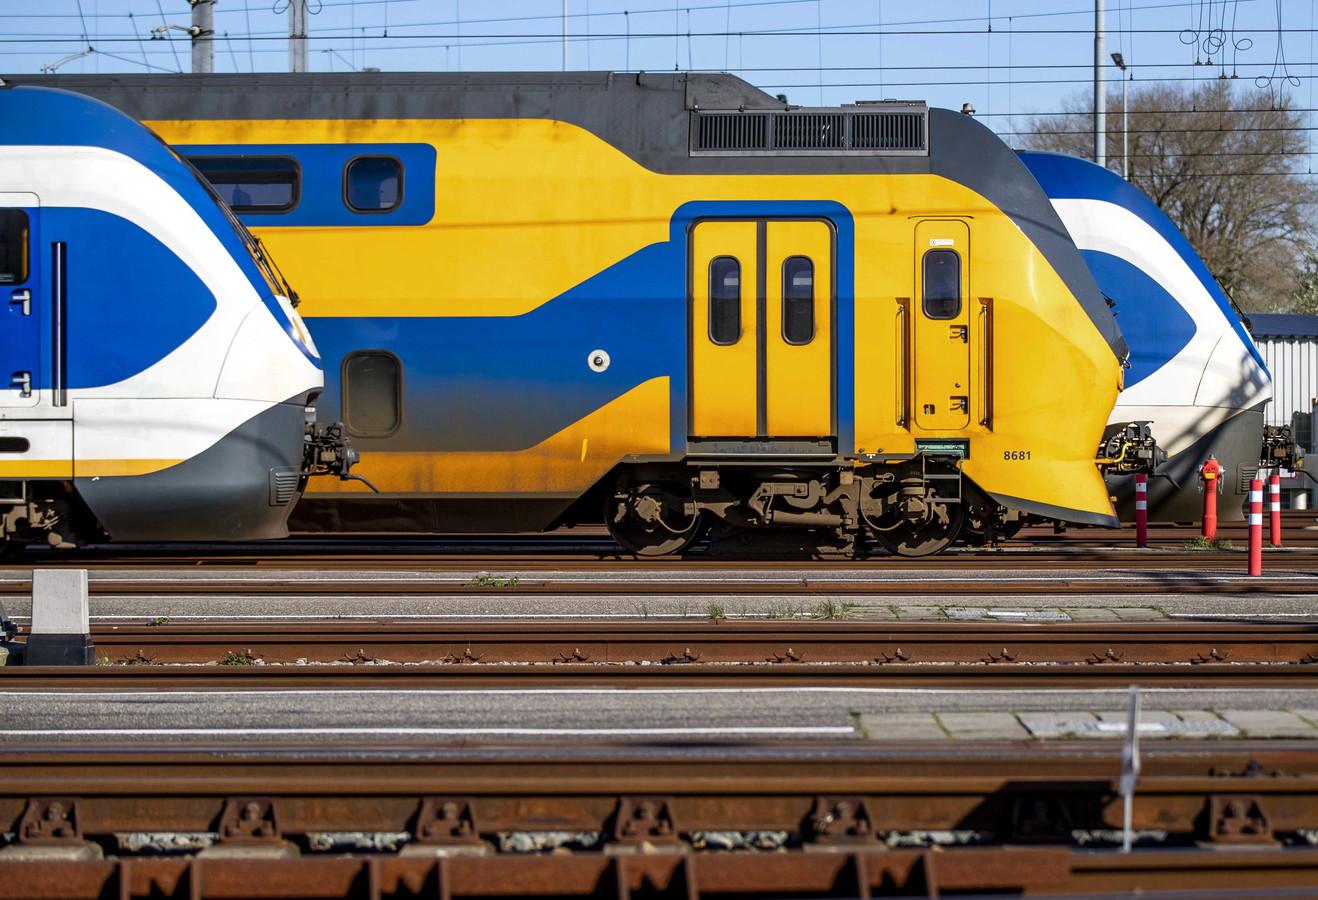 De VVD in Overijssel pleit ervoor: een snelle intercity-verbinding tussen Zwollen en het Duitse Münster.